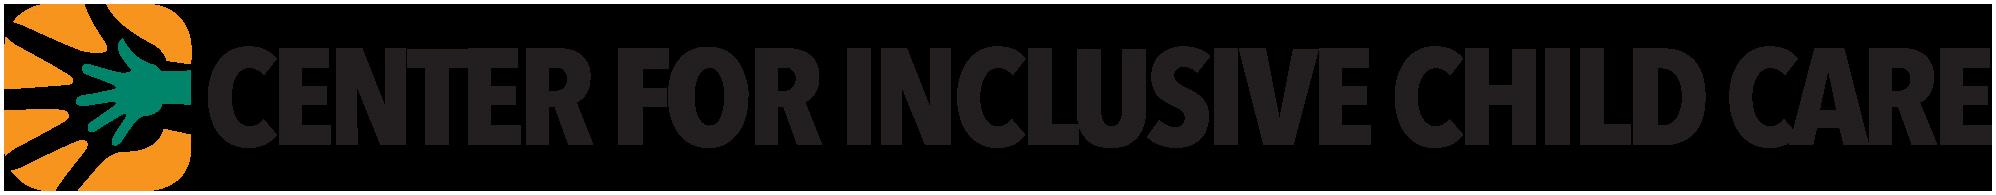 Center for Inclusive Child Care Logo